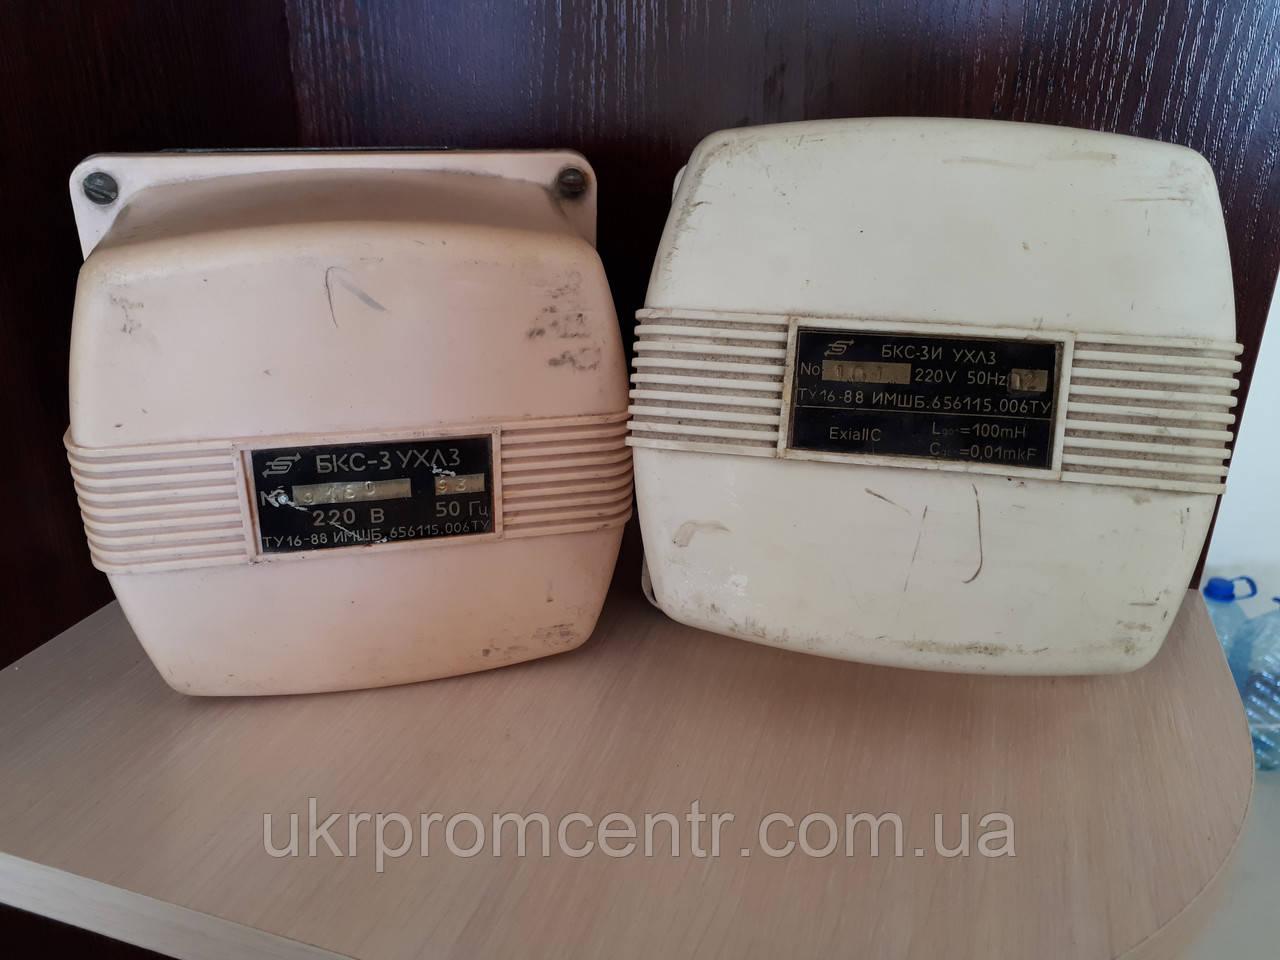 Блок контролю опору (рівня) БКС-2, БКС-2І, БКС-3, БКС-3І